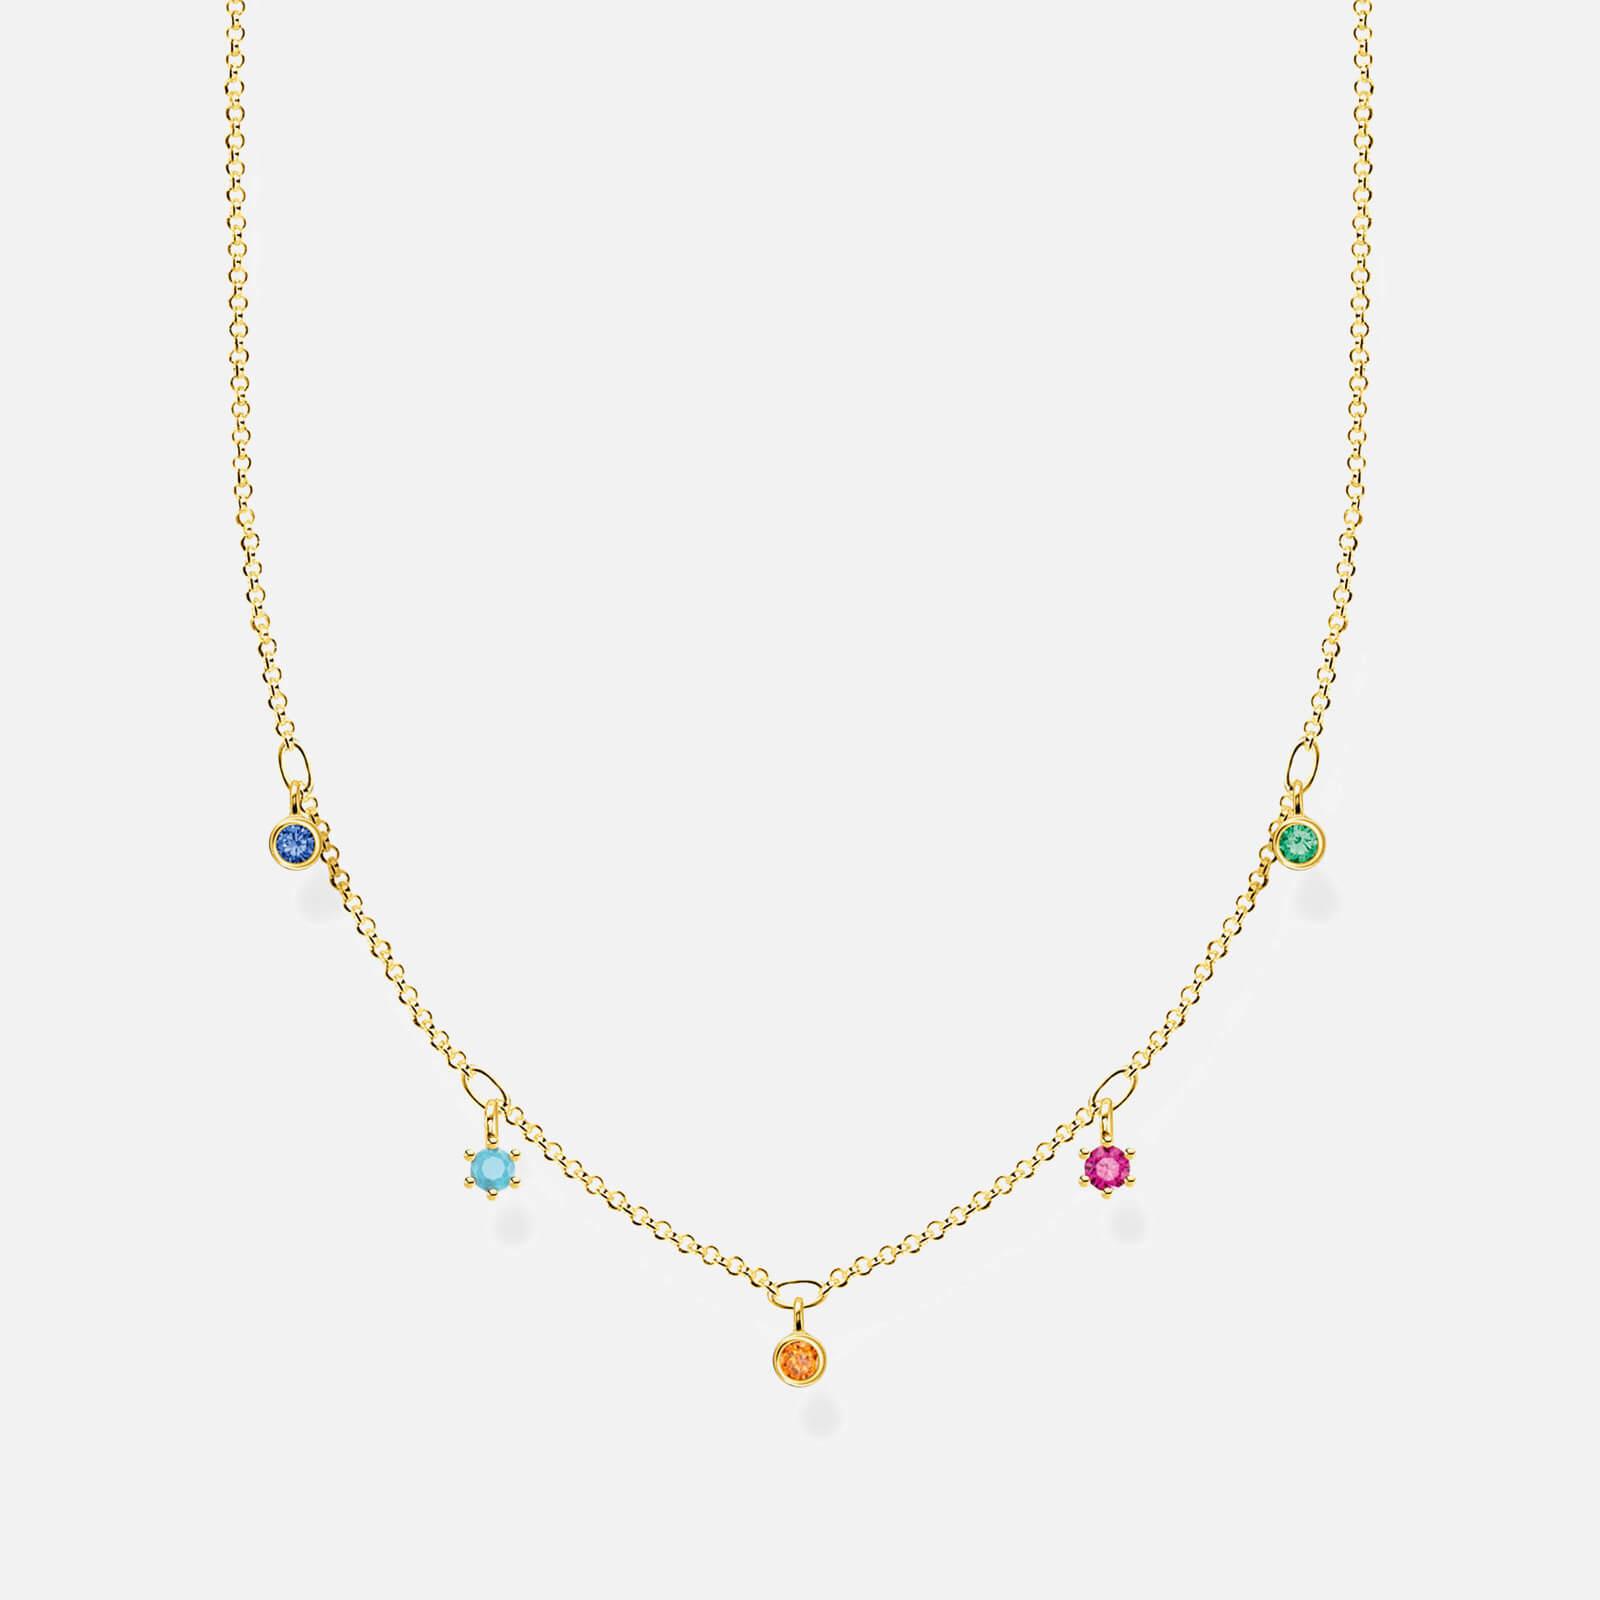 Thomas Sabo Women's Necklace - Multicoloured